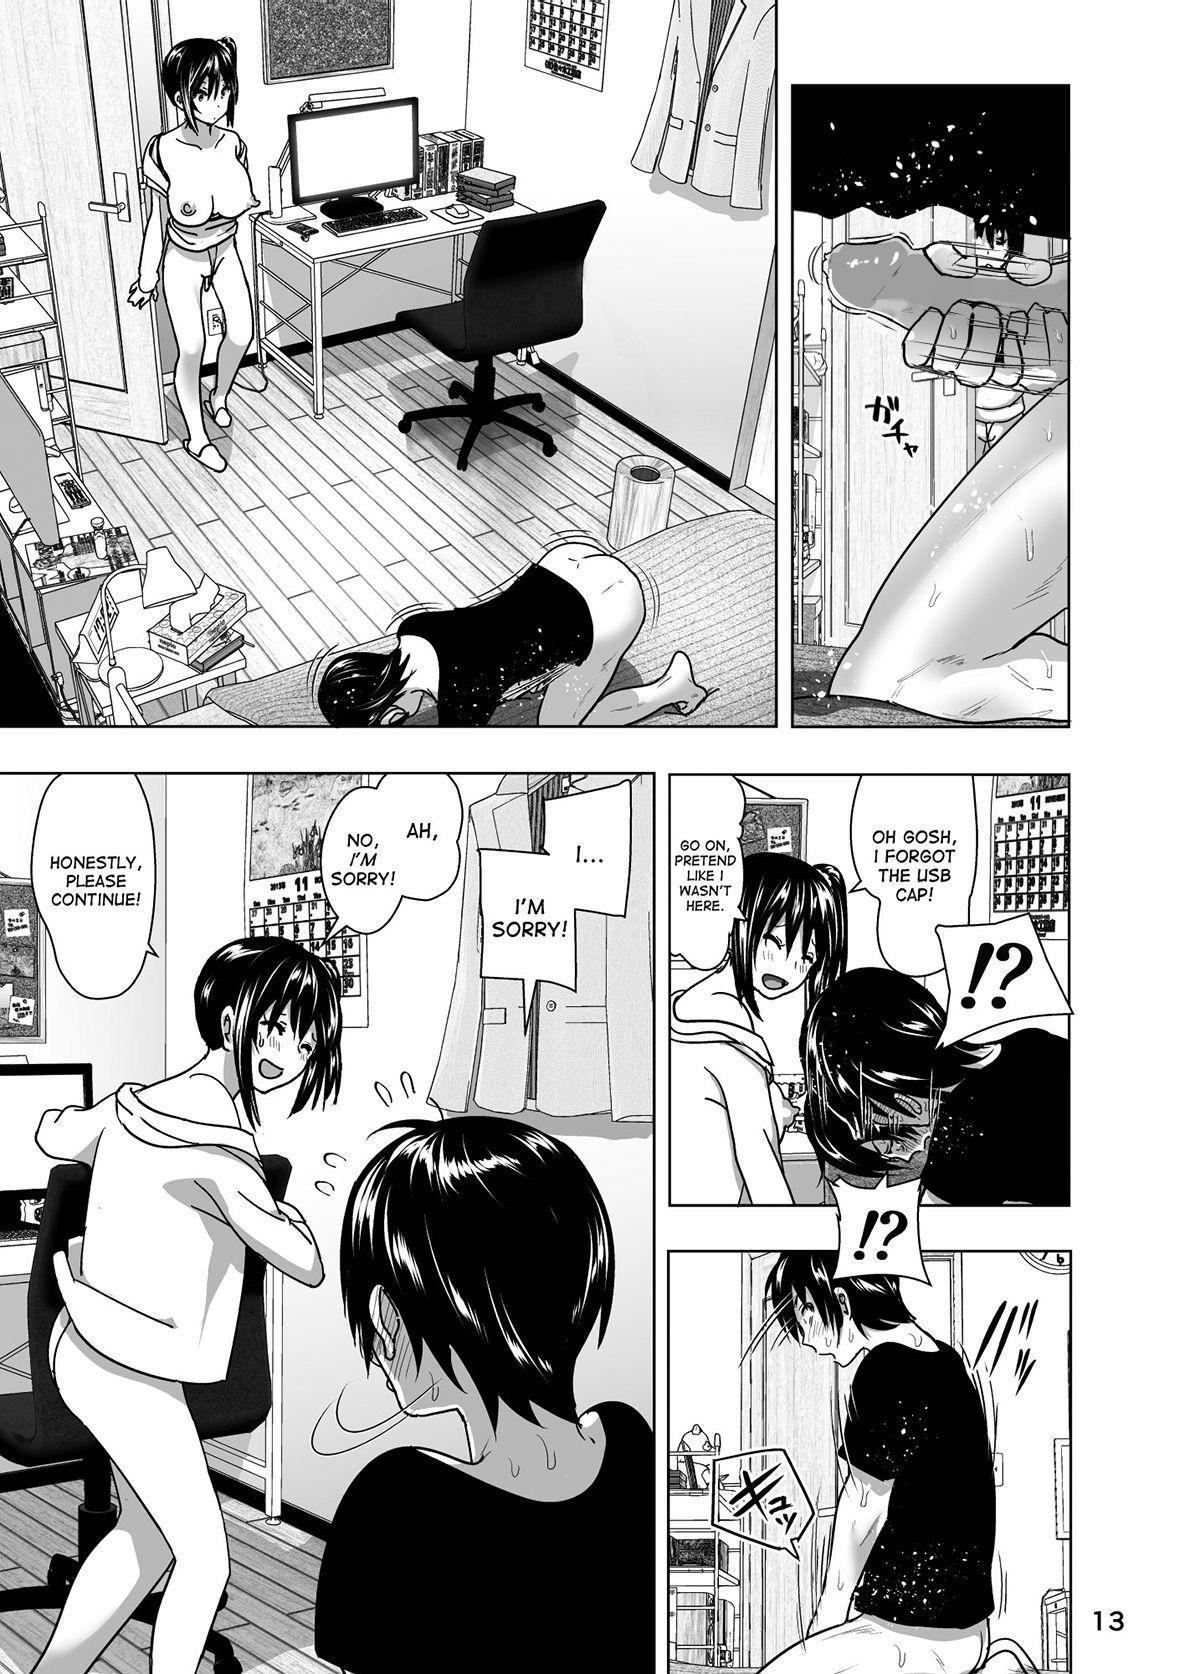 Imouto no Oppai ga Marudashi Datta Hanashi 4 13